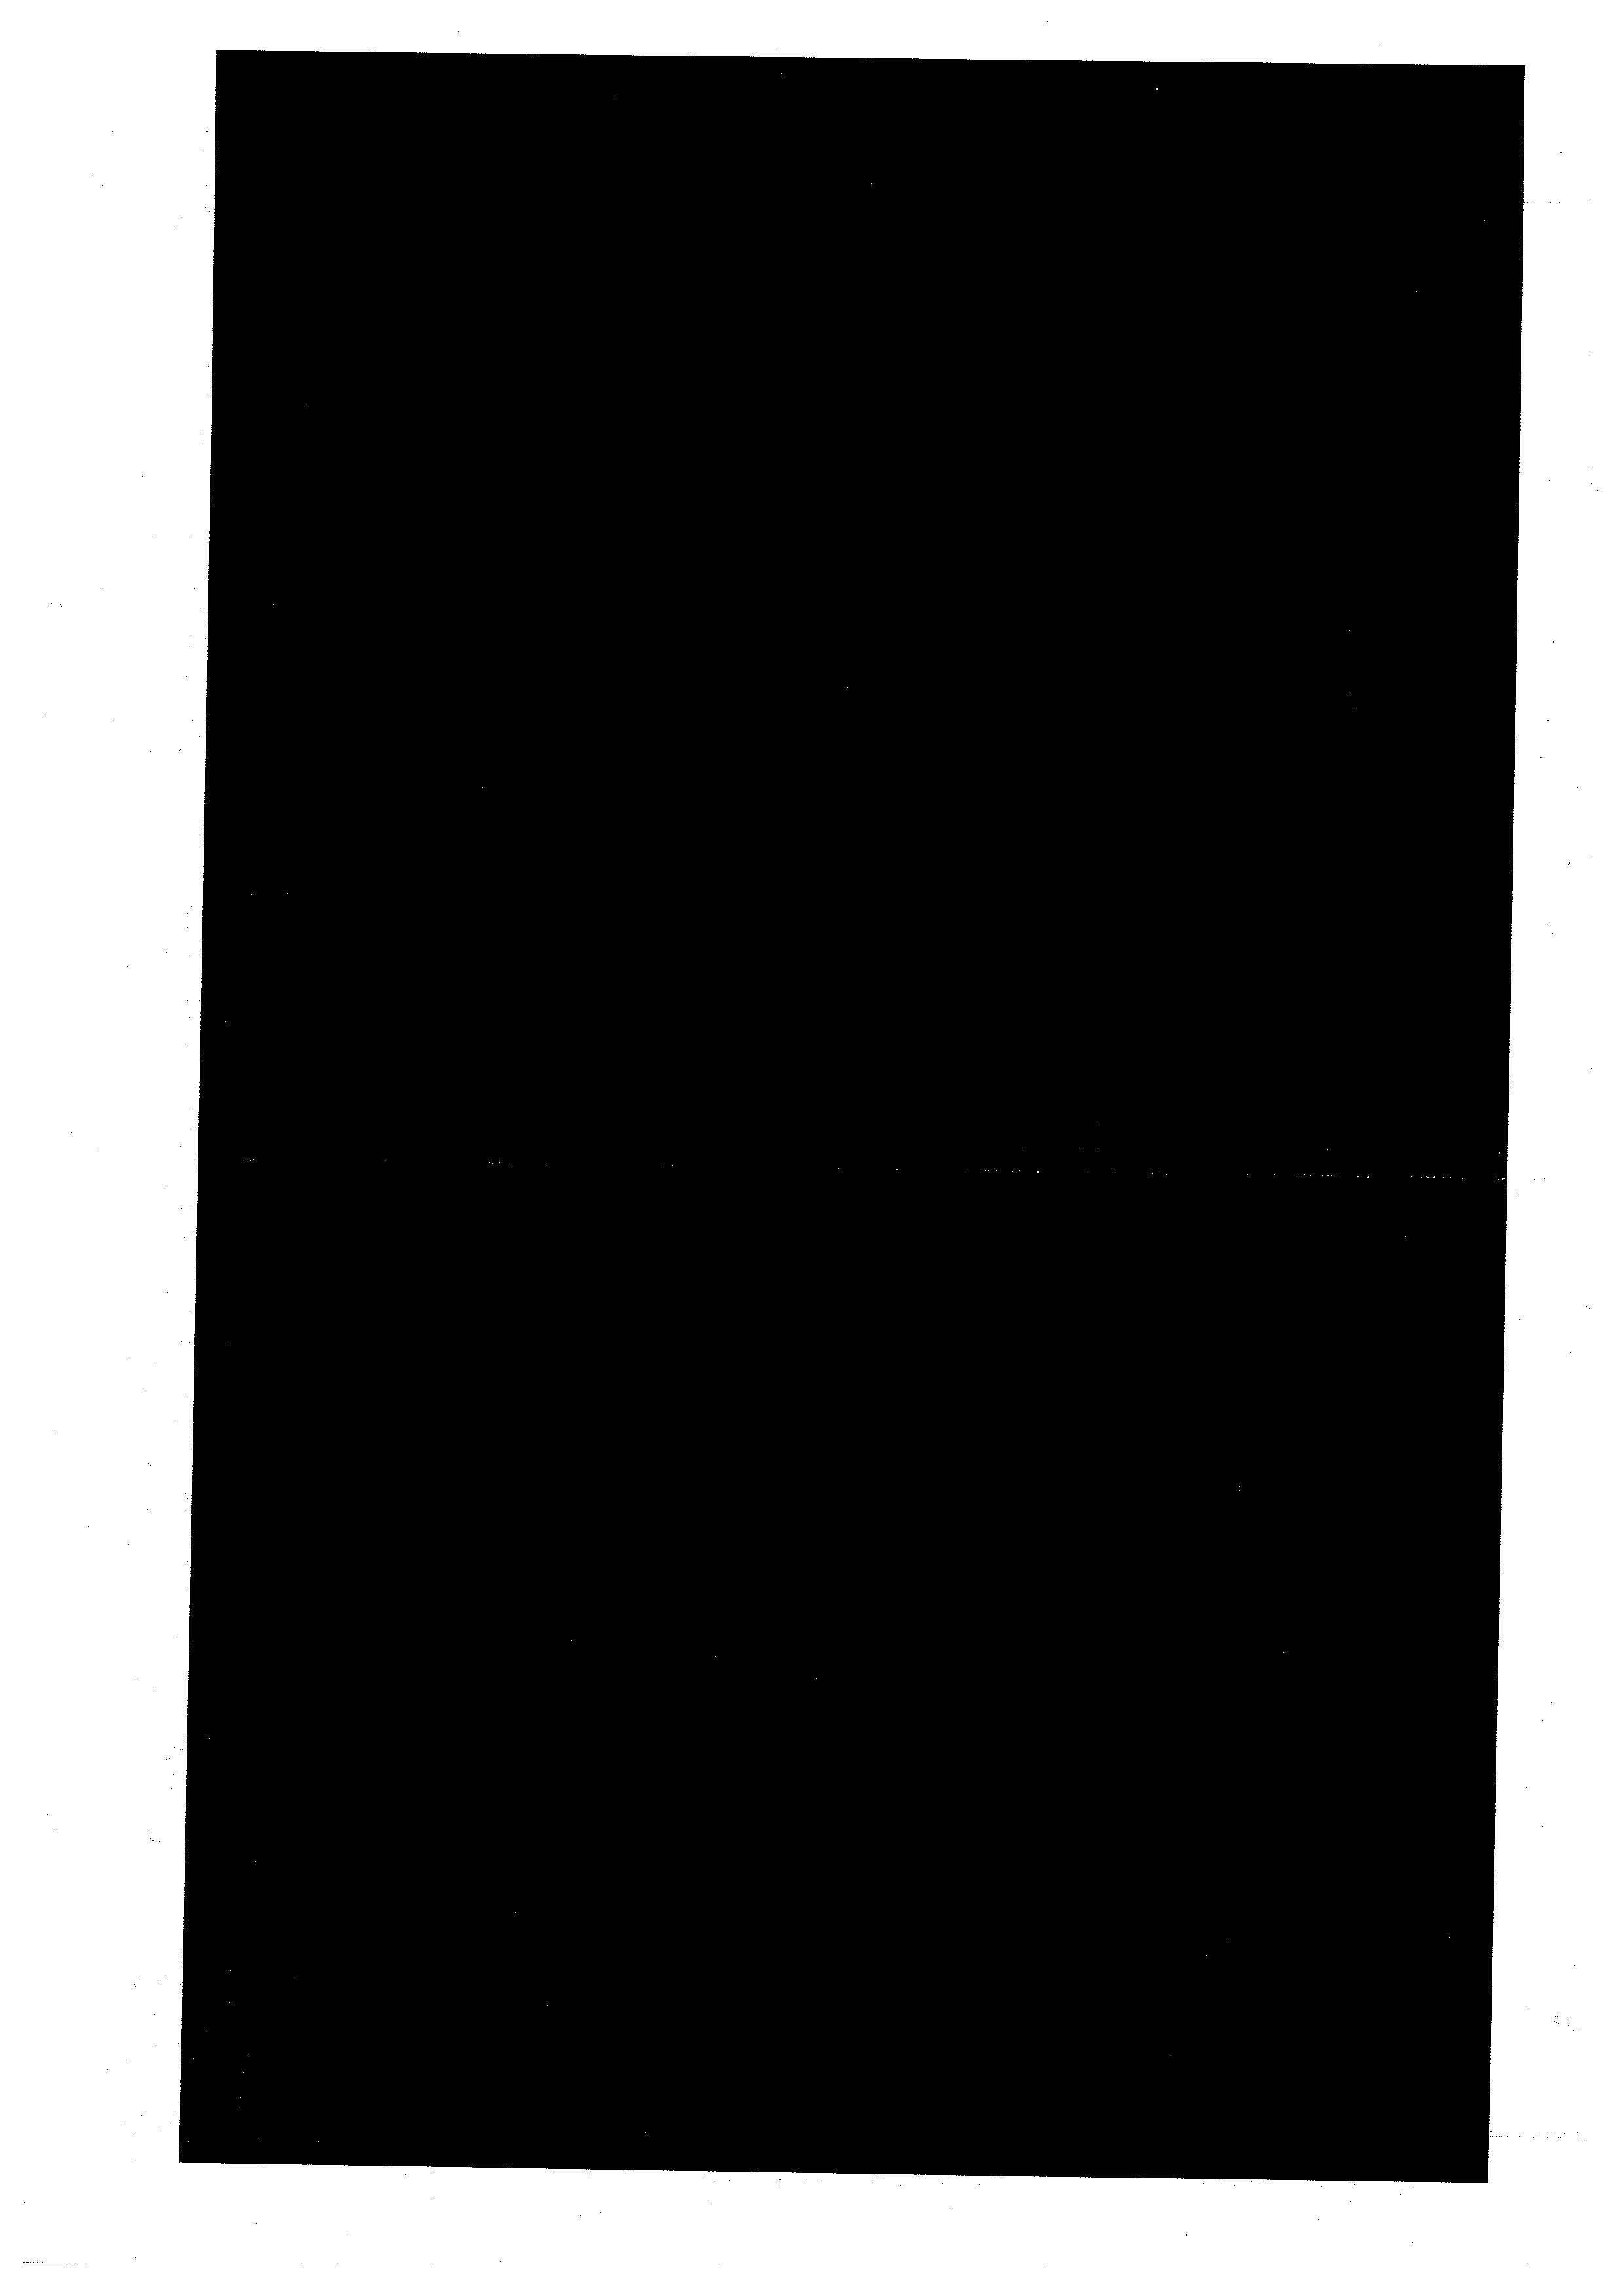 名古屋城木造化 名古屋市が文化庁訪問時の内容・資料全部非公開_d0011701_23144755.jpg